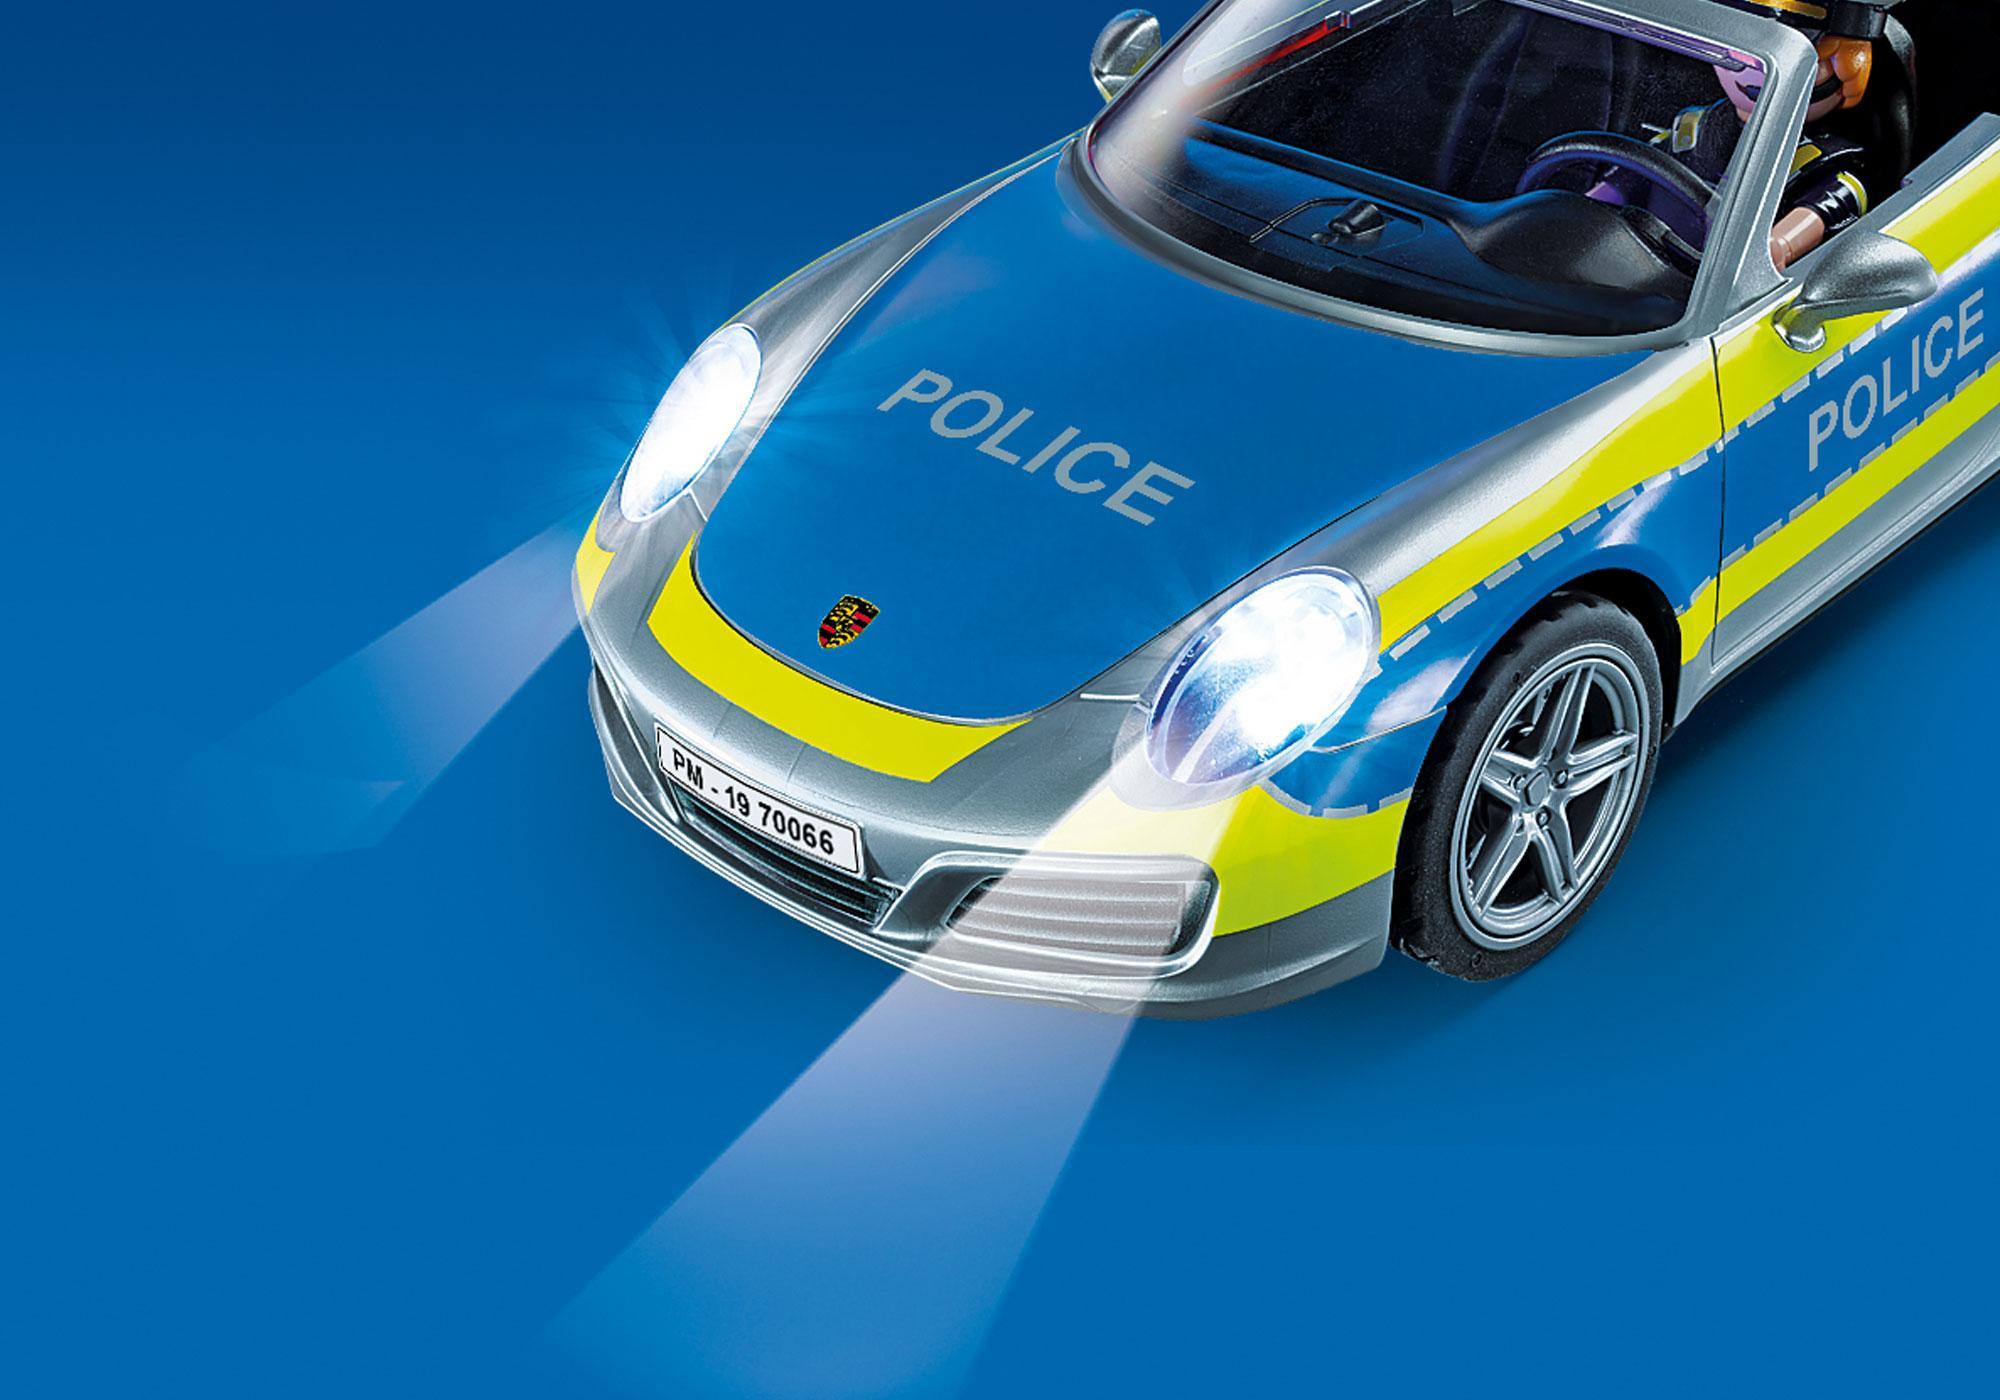 http://media.playmobil.com/i/playmobil/70066_product_extra2/Porsche 911 Carrera 4S Police